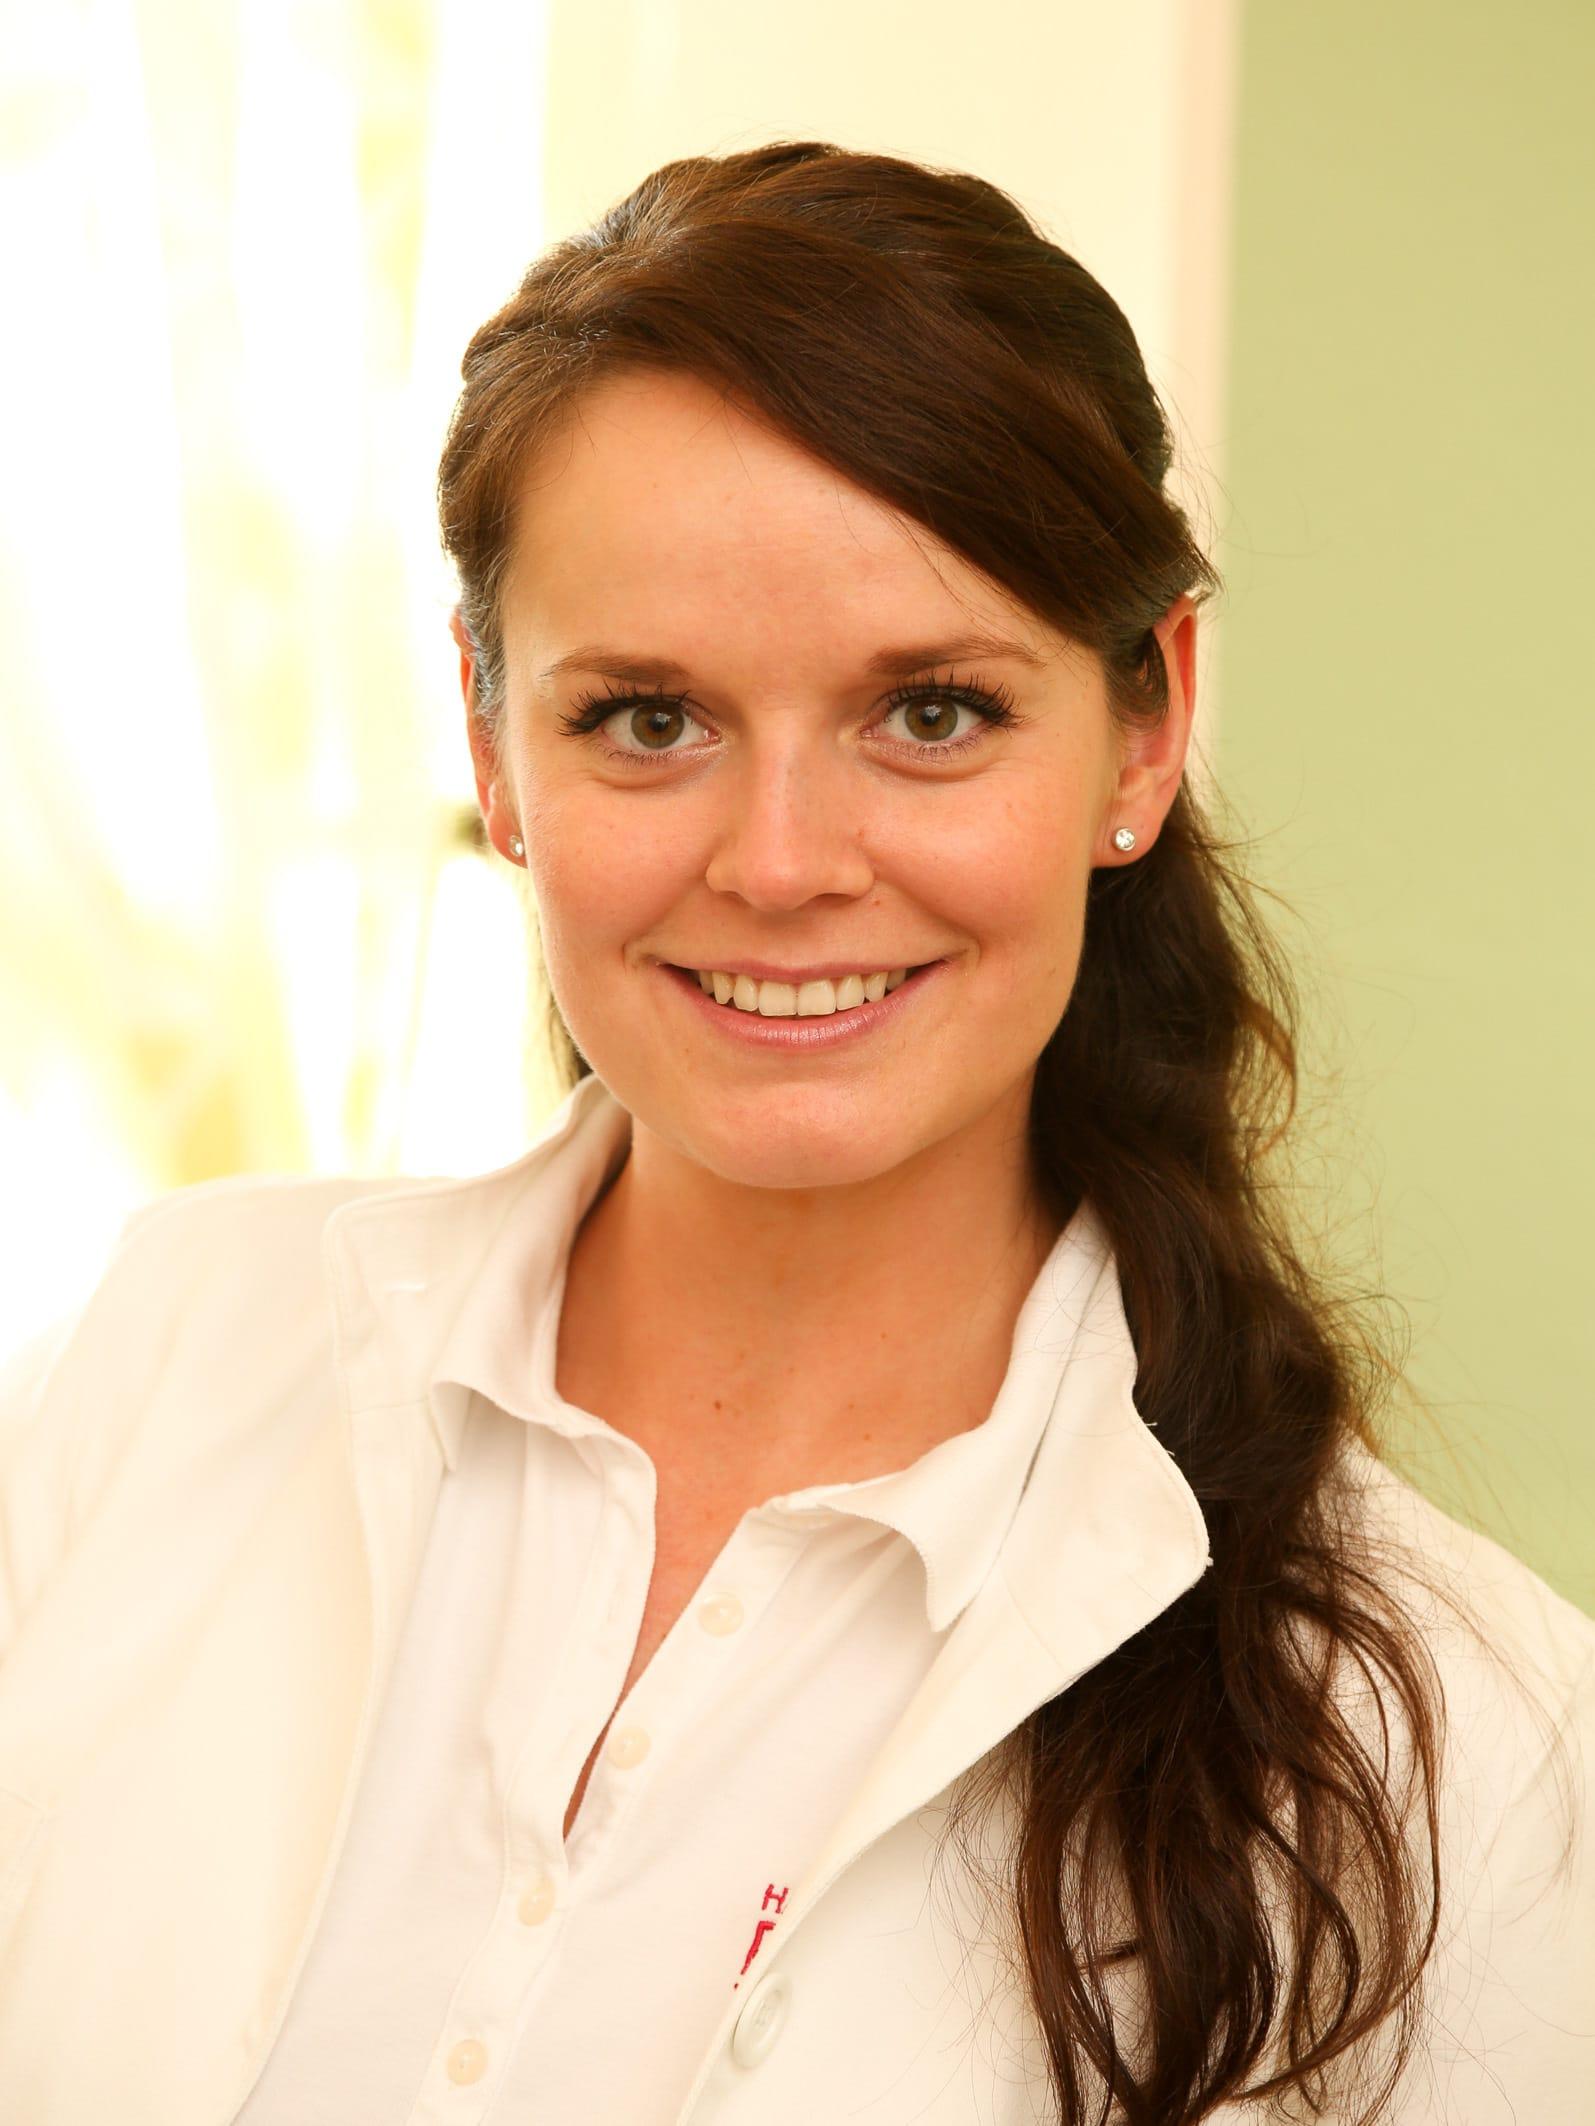 Dr. med. Jagoda Galecka-Schnell, Hautarzt / Dermatologe in Berlin